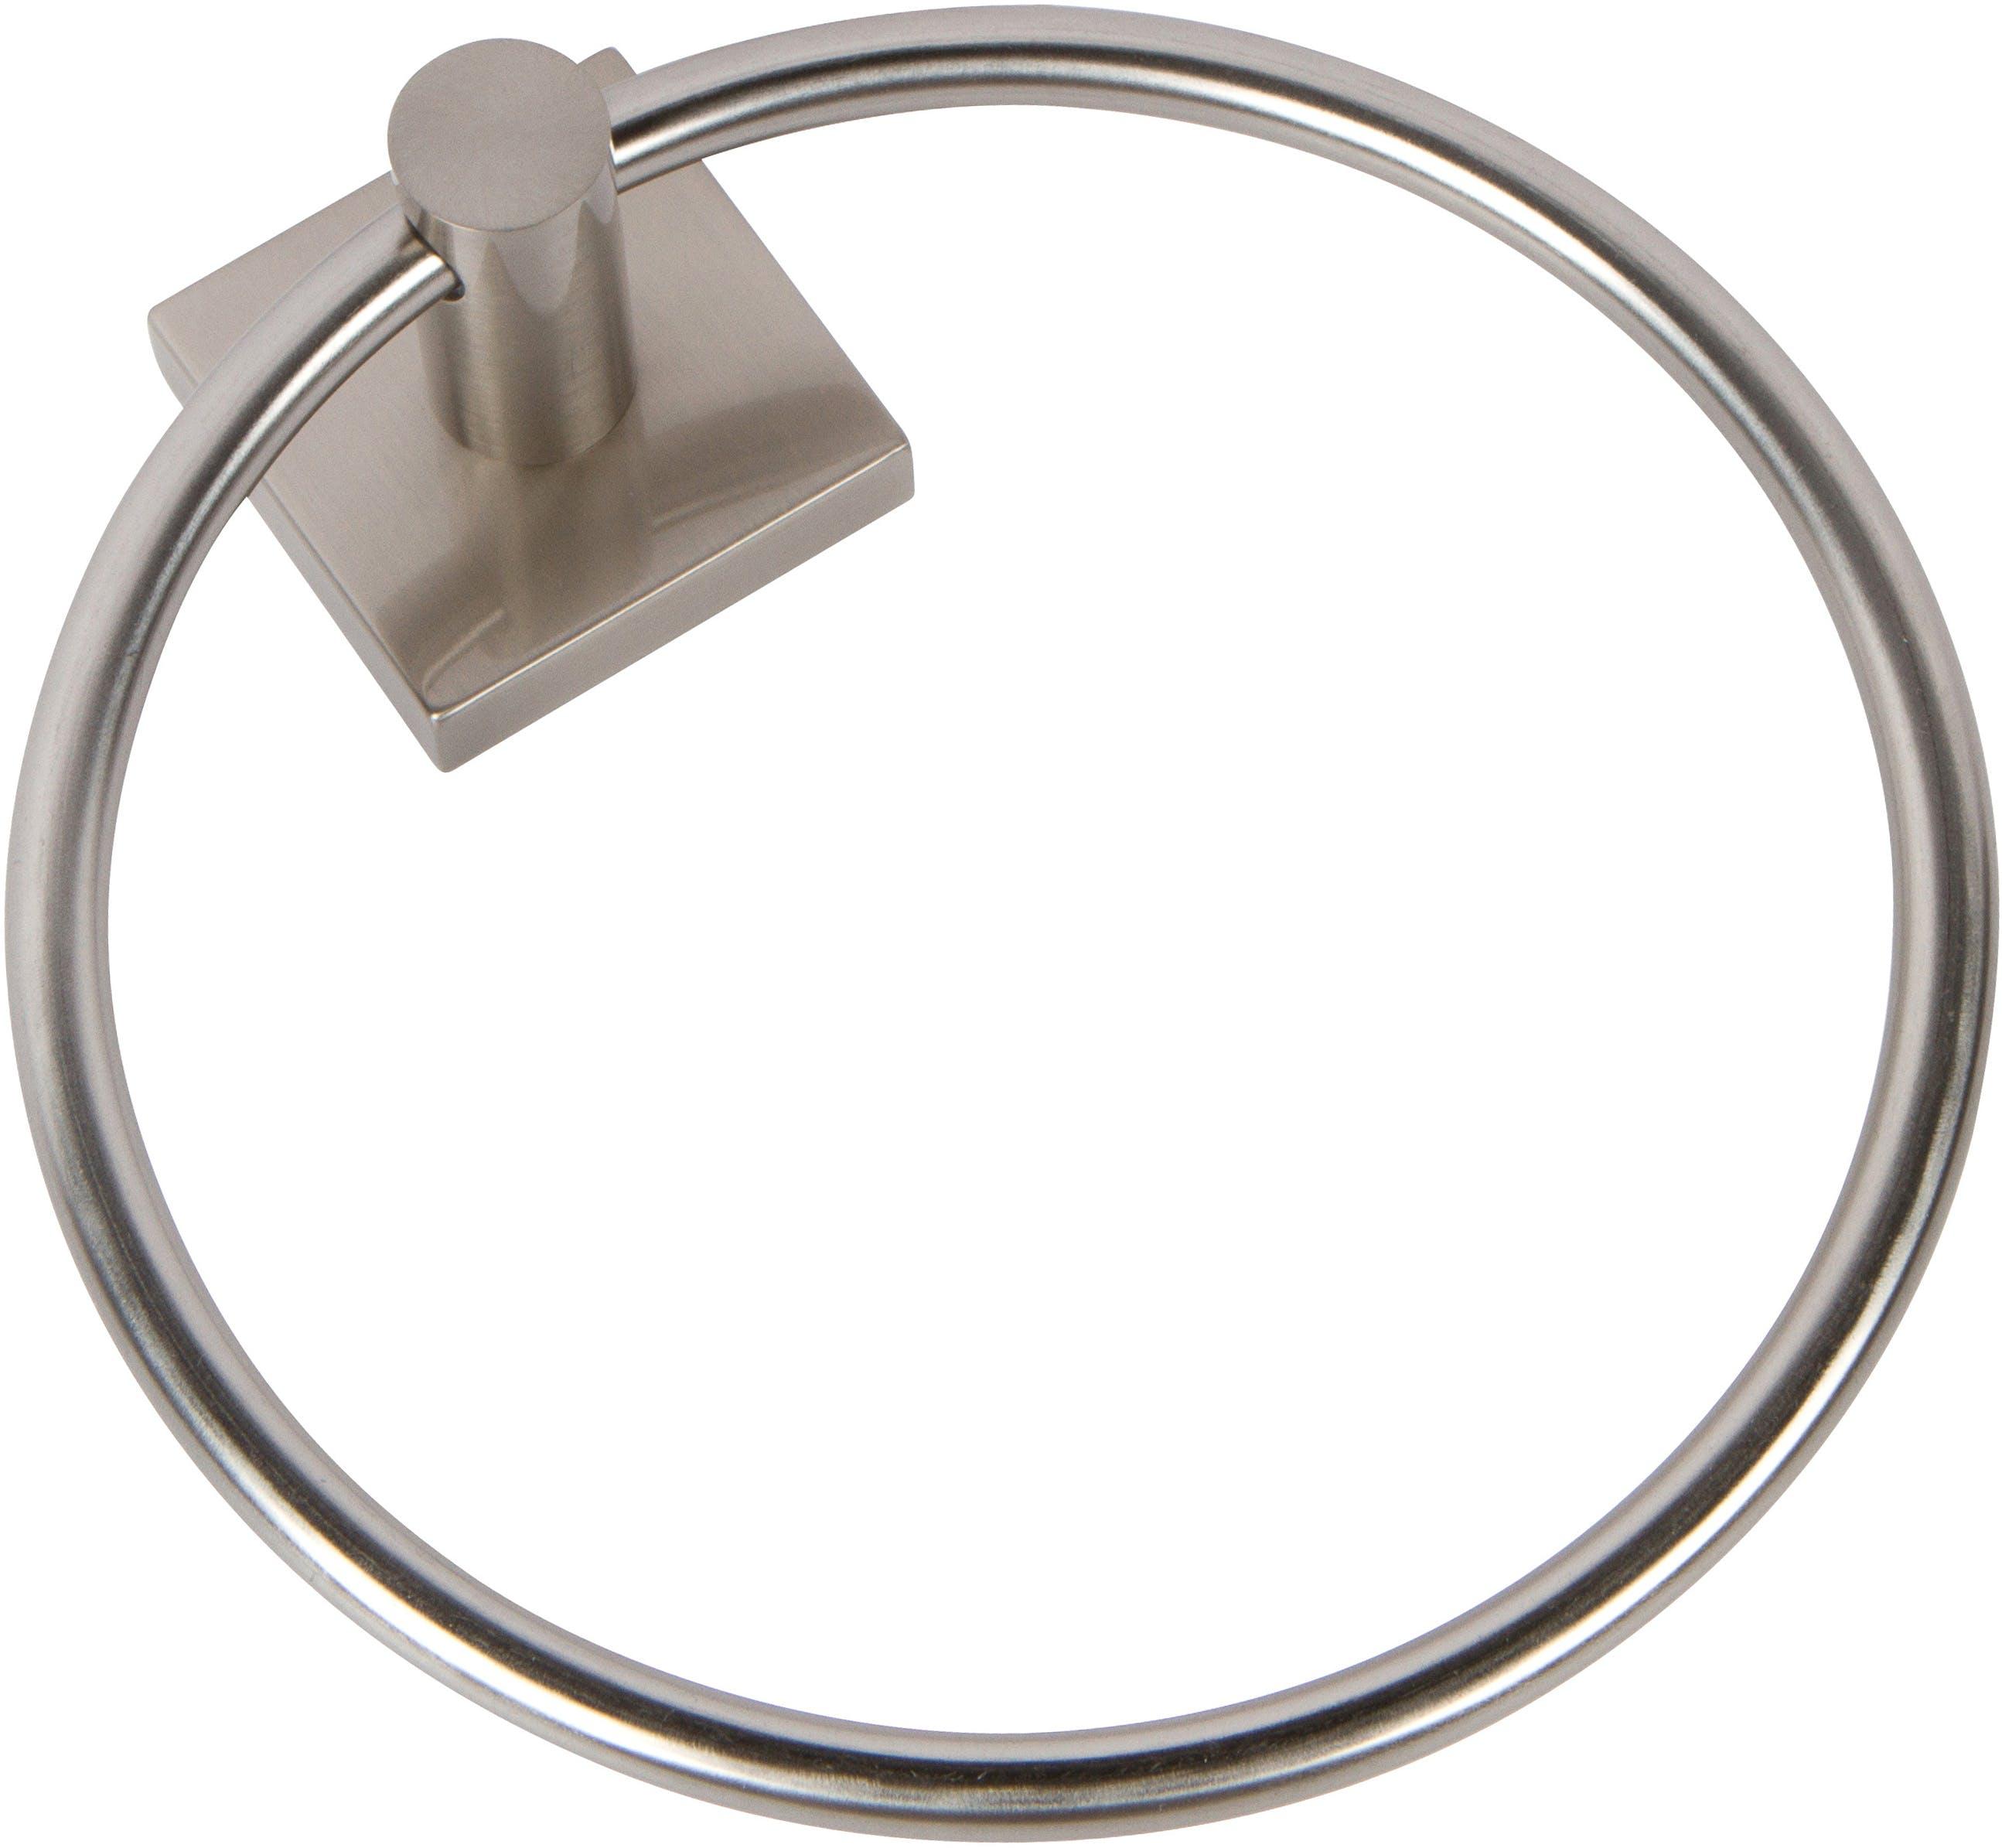 1100 Series Delaney Hardware 510504 towel-rings Black